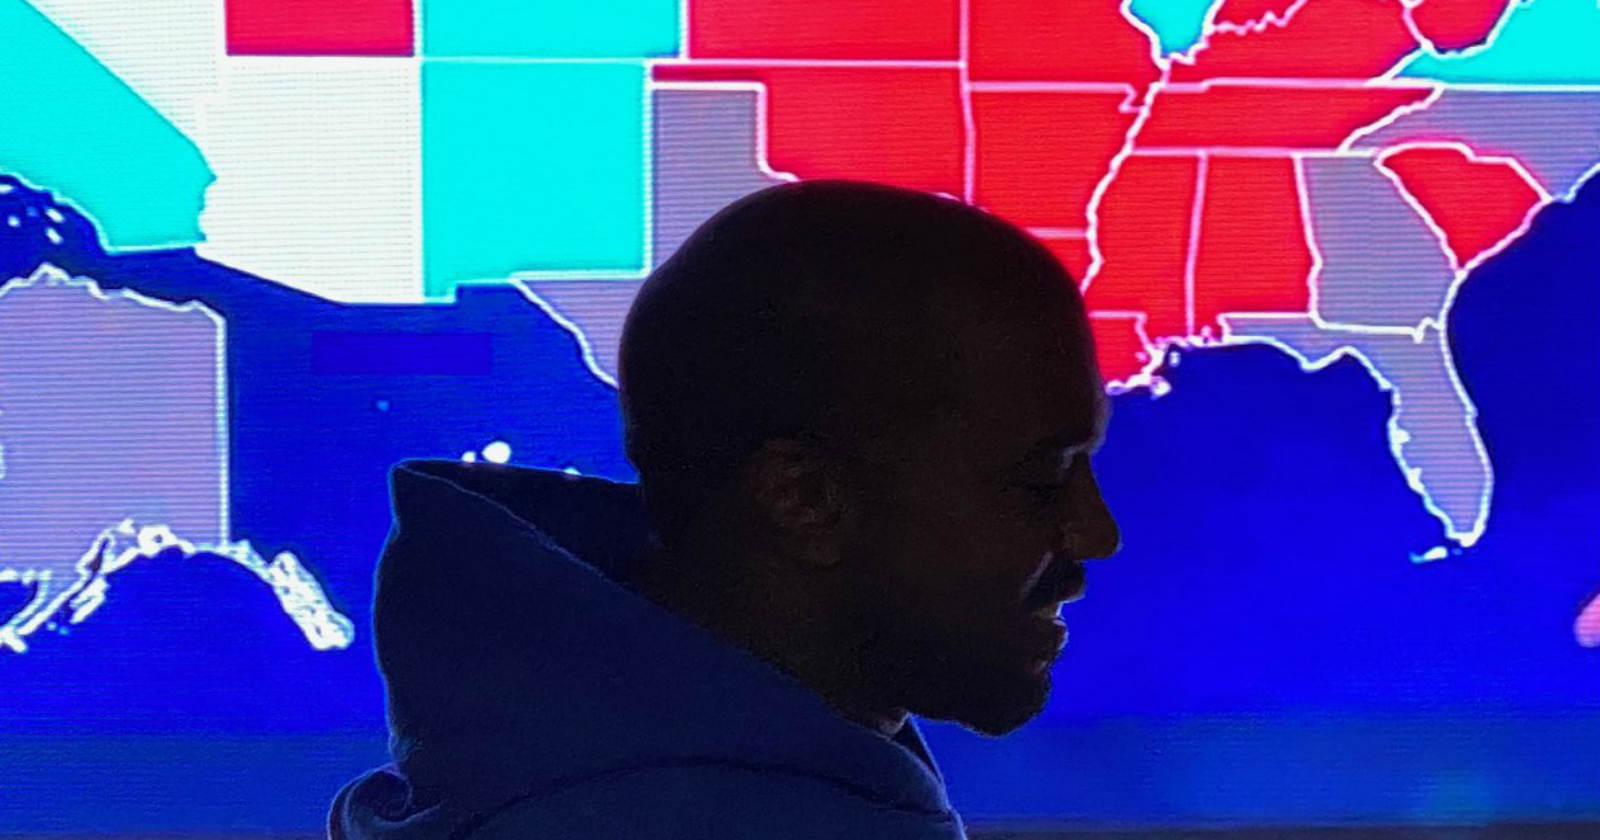 No se rinde: Kanye West asume su derrota en las elecciones de EE.UU. y anuncia candidatura para 2024